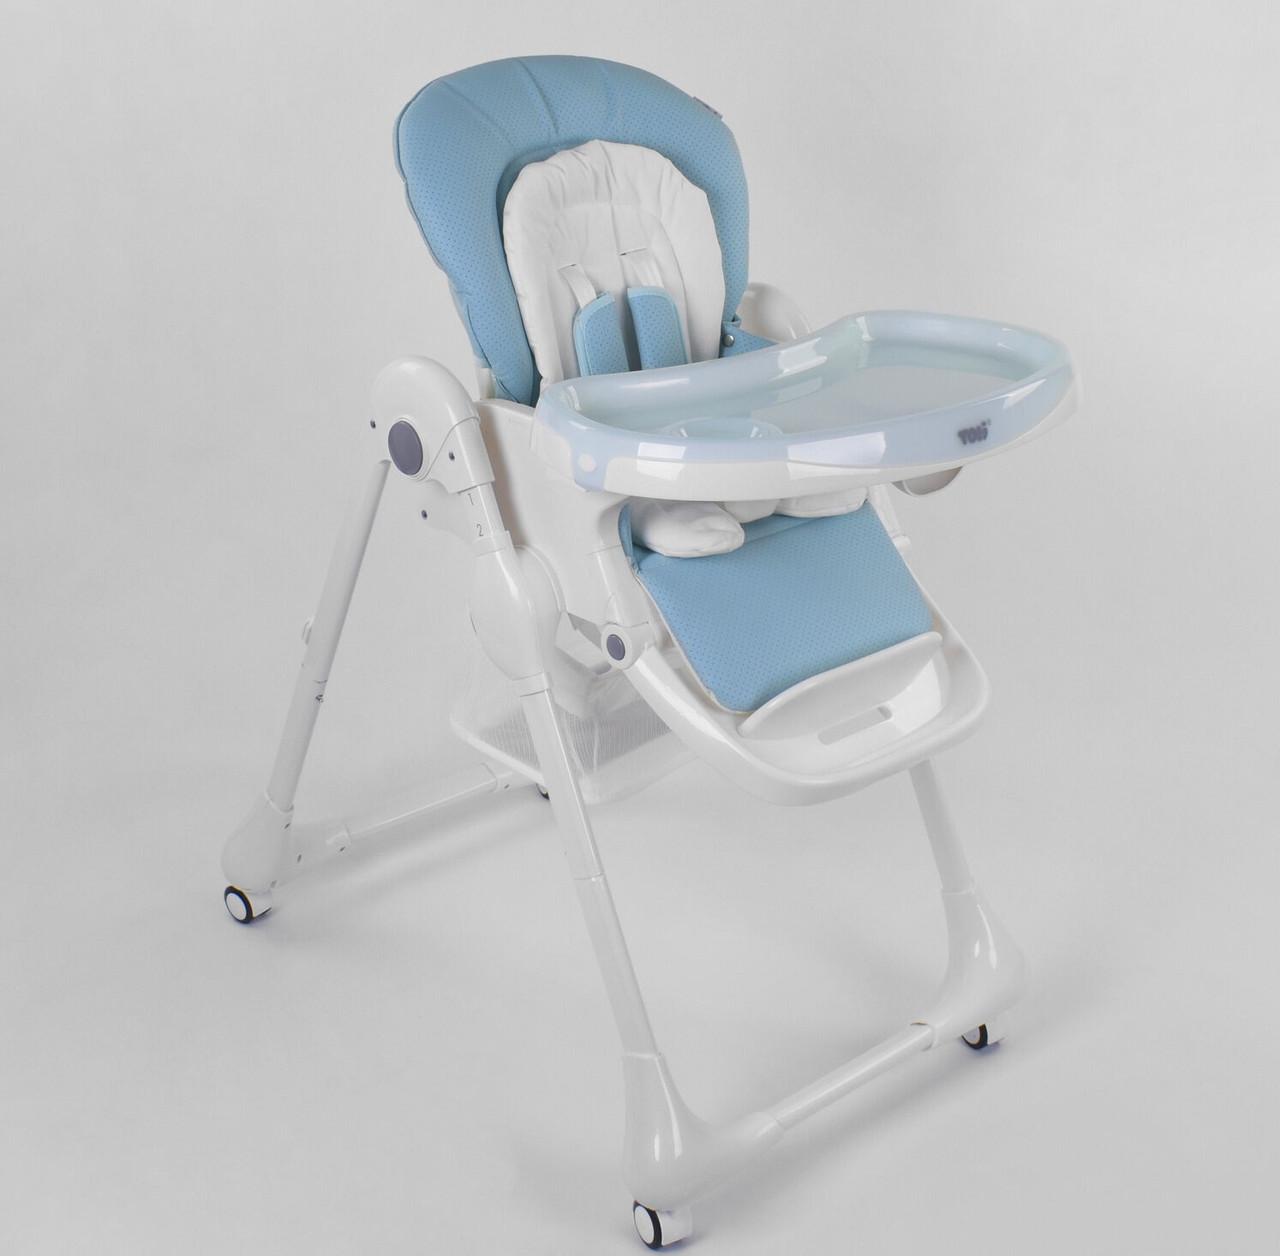 Детский стульчик для кормления ребенка, высокий на колесиках, с регулируемой спинкой Toti W-48406, голубой